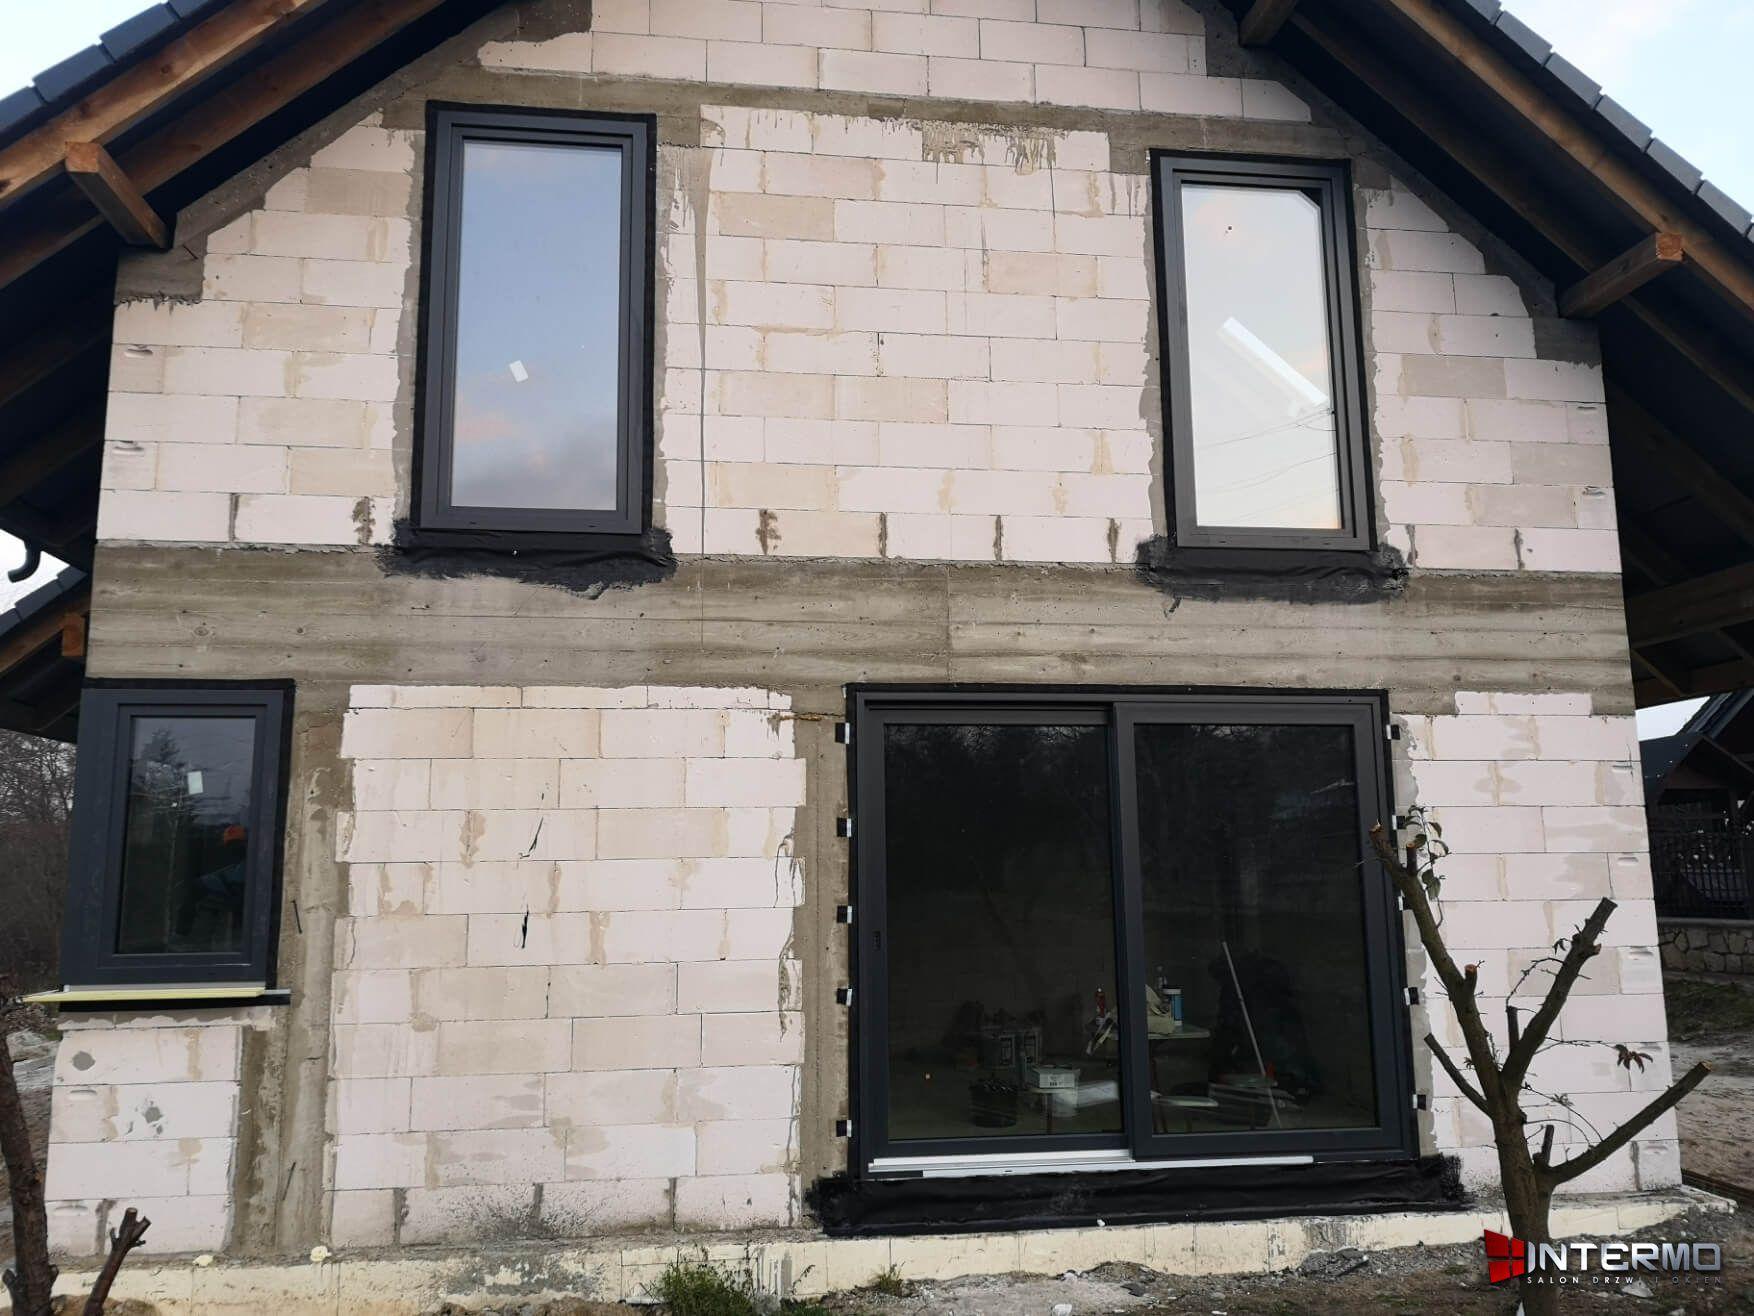 Dom stan surowy z oknami